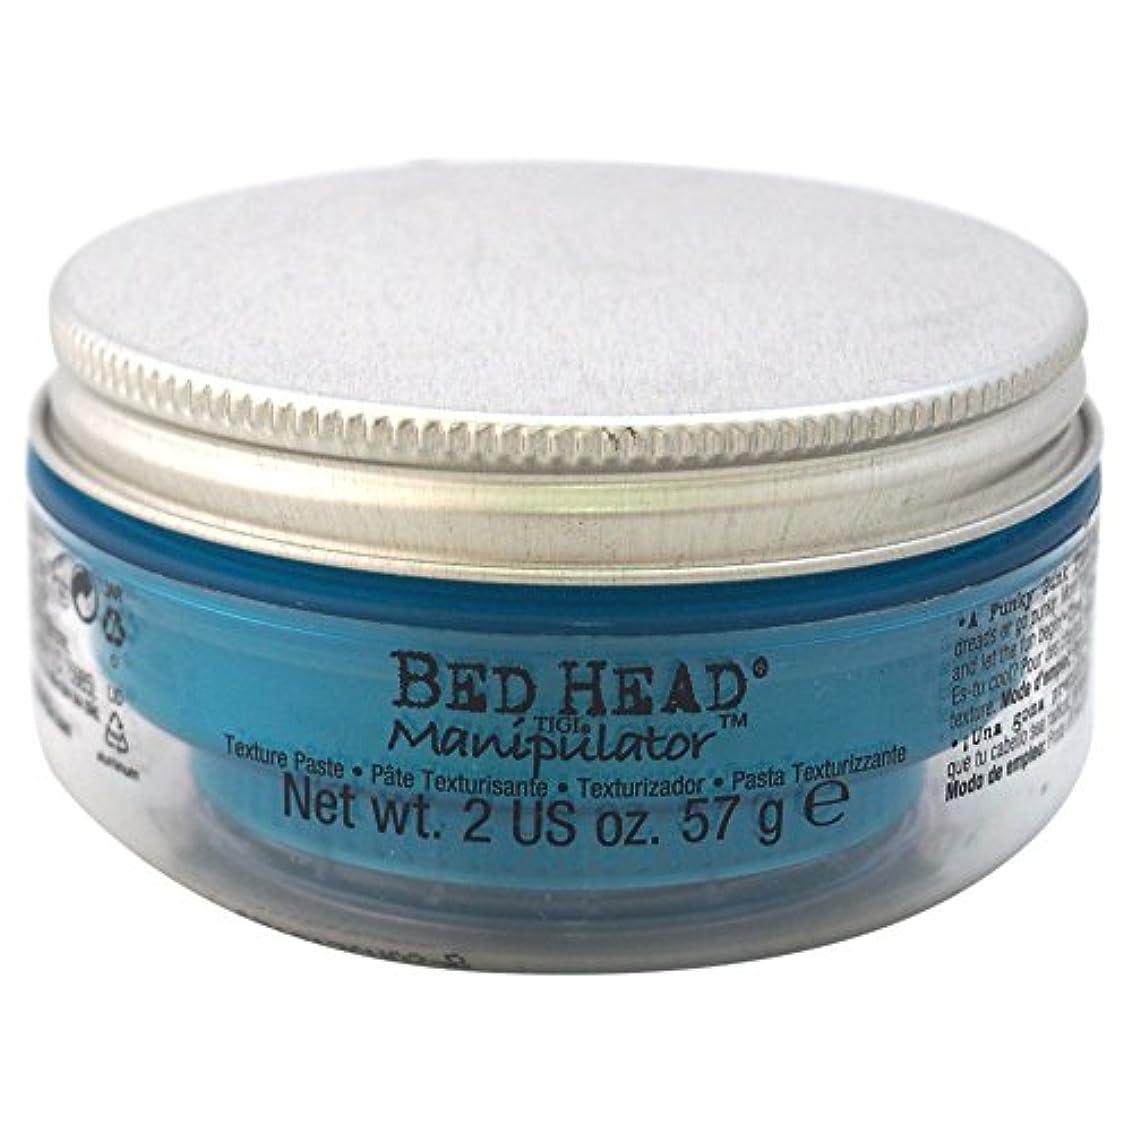 ミル金曜日台無しにティジー ベッドヘッドマニピュレーター テキシチヤ ペースト Tigi Bed Head Manipulator Texture Paste 57 ml [並行輸入品]